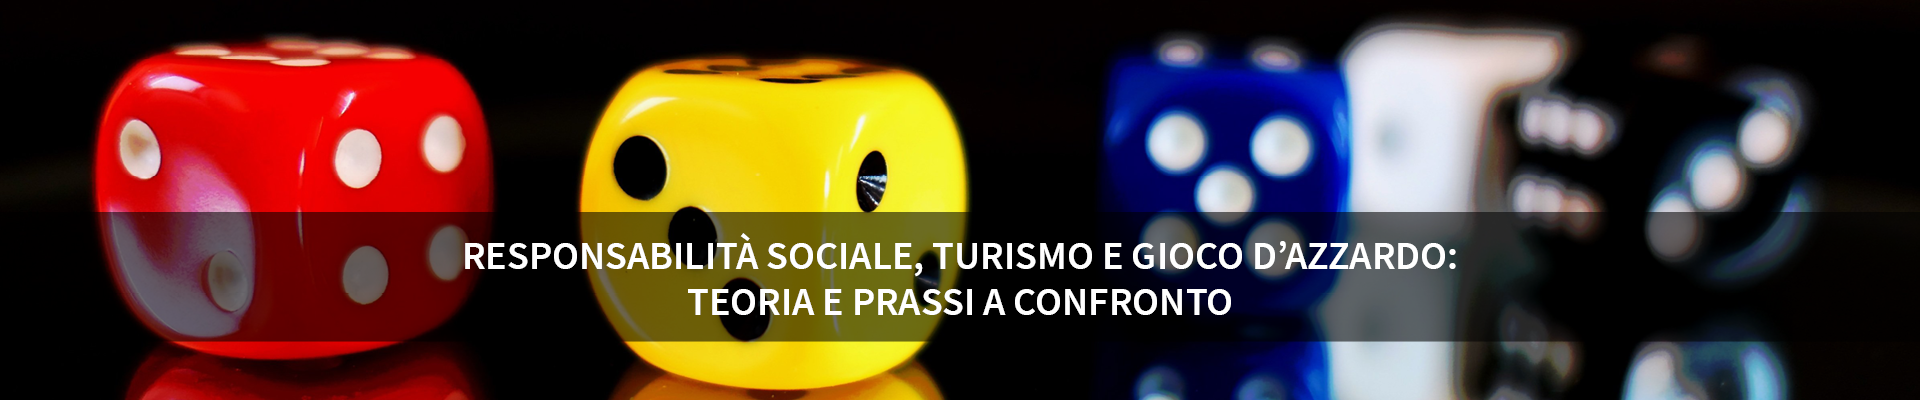 Responsabilità sociale, turismo e gioco d'azzardo: attrazione o distrazione? -